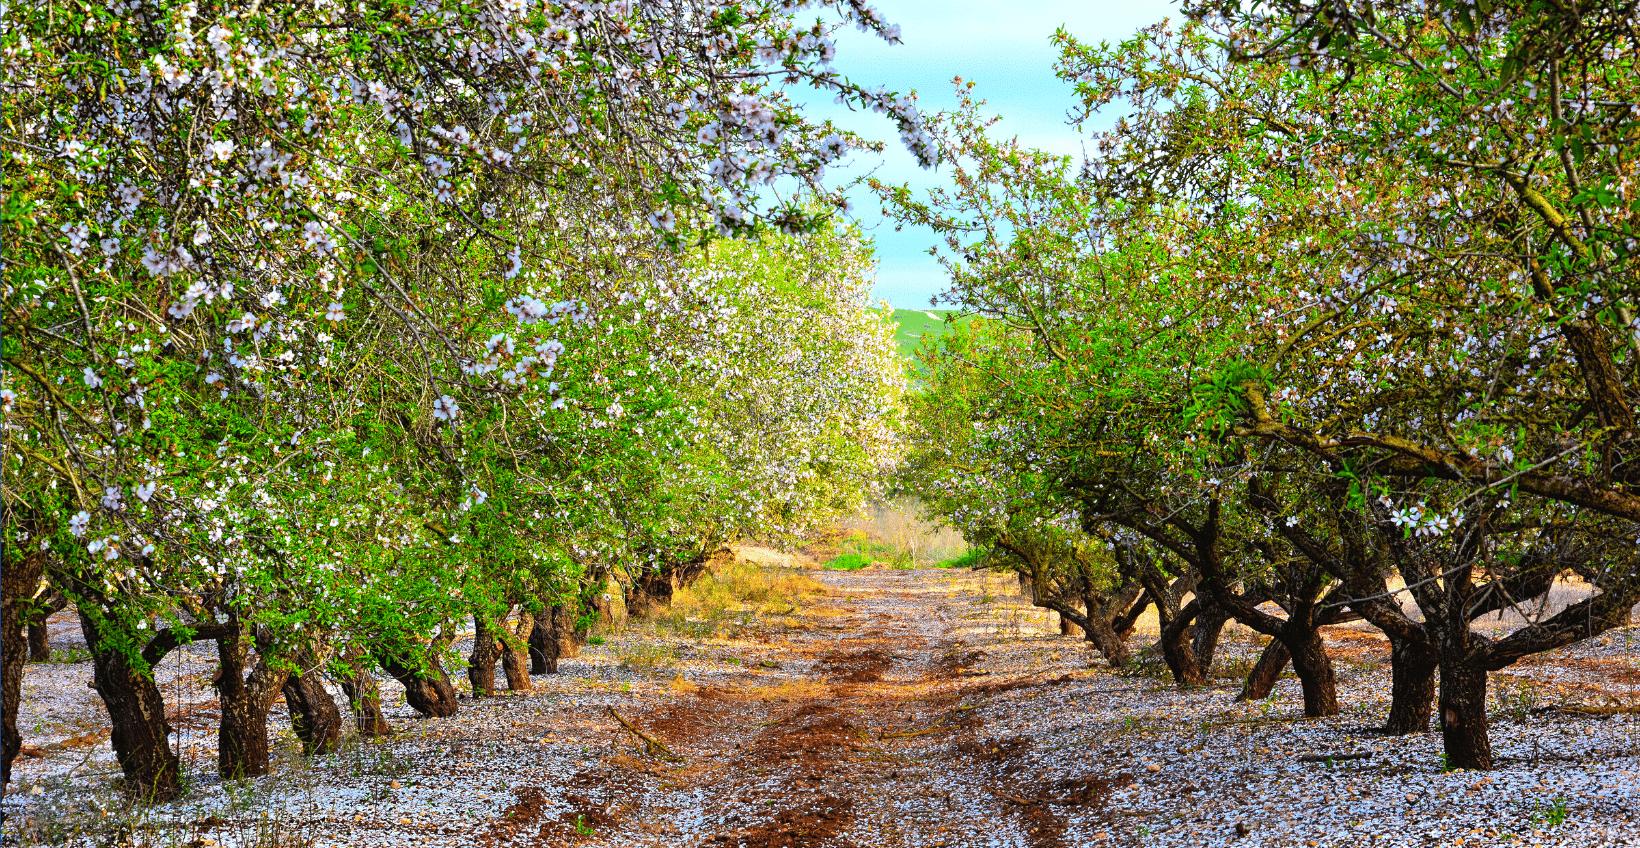 almond-tree-field